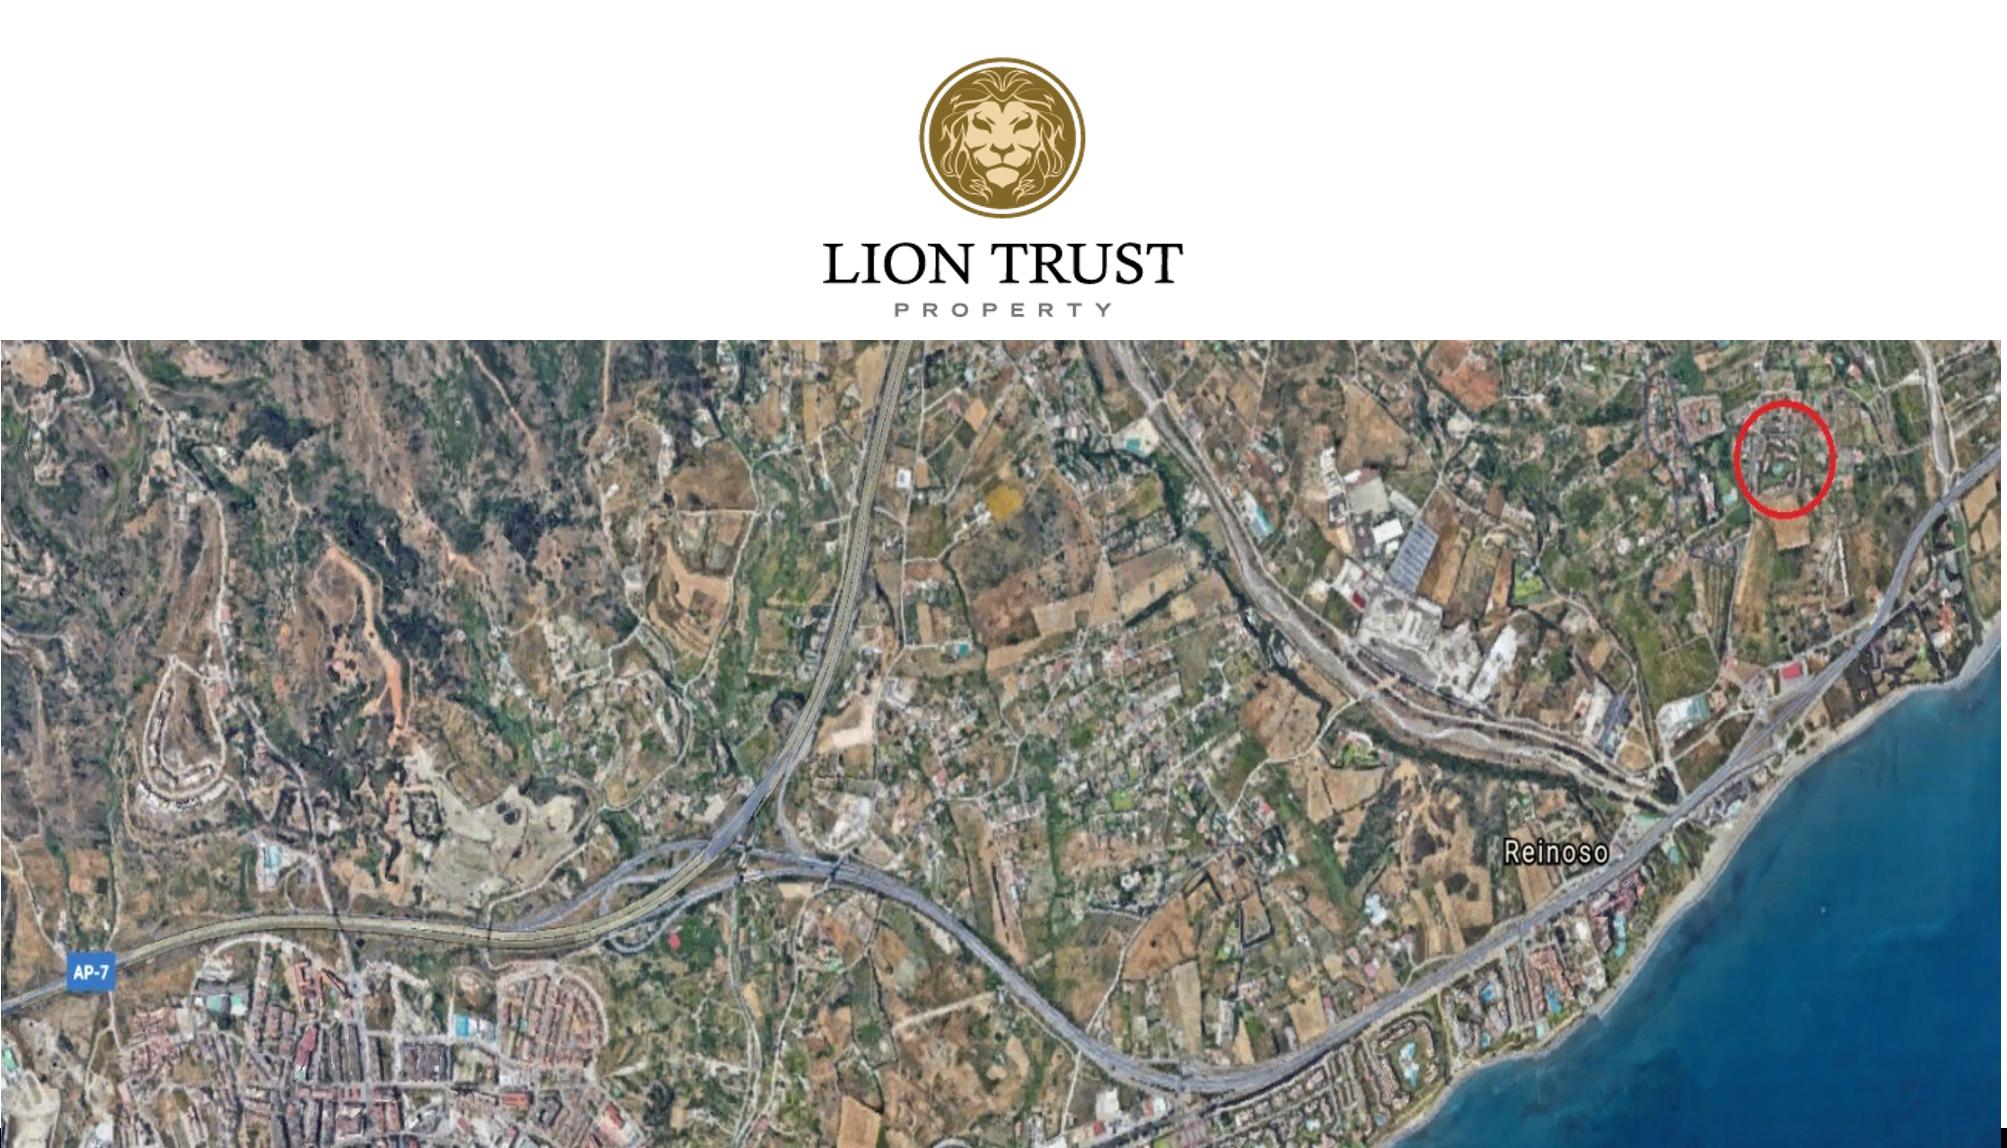 1a - Lion Trust Spain